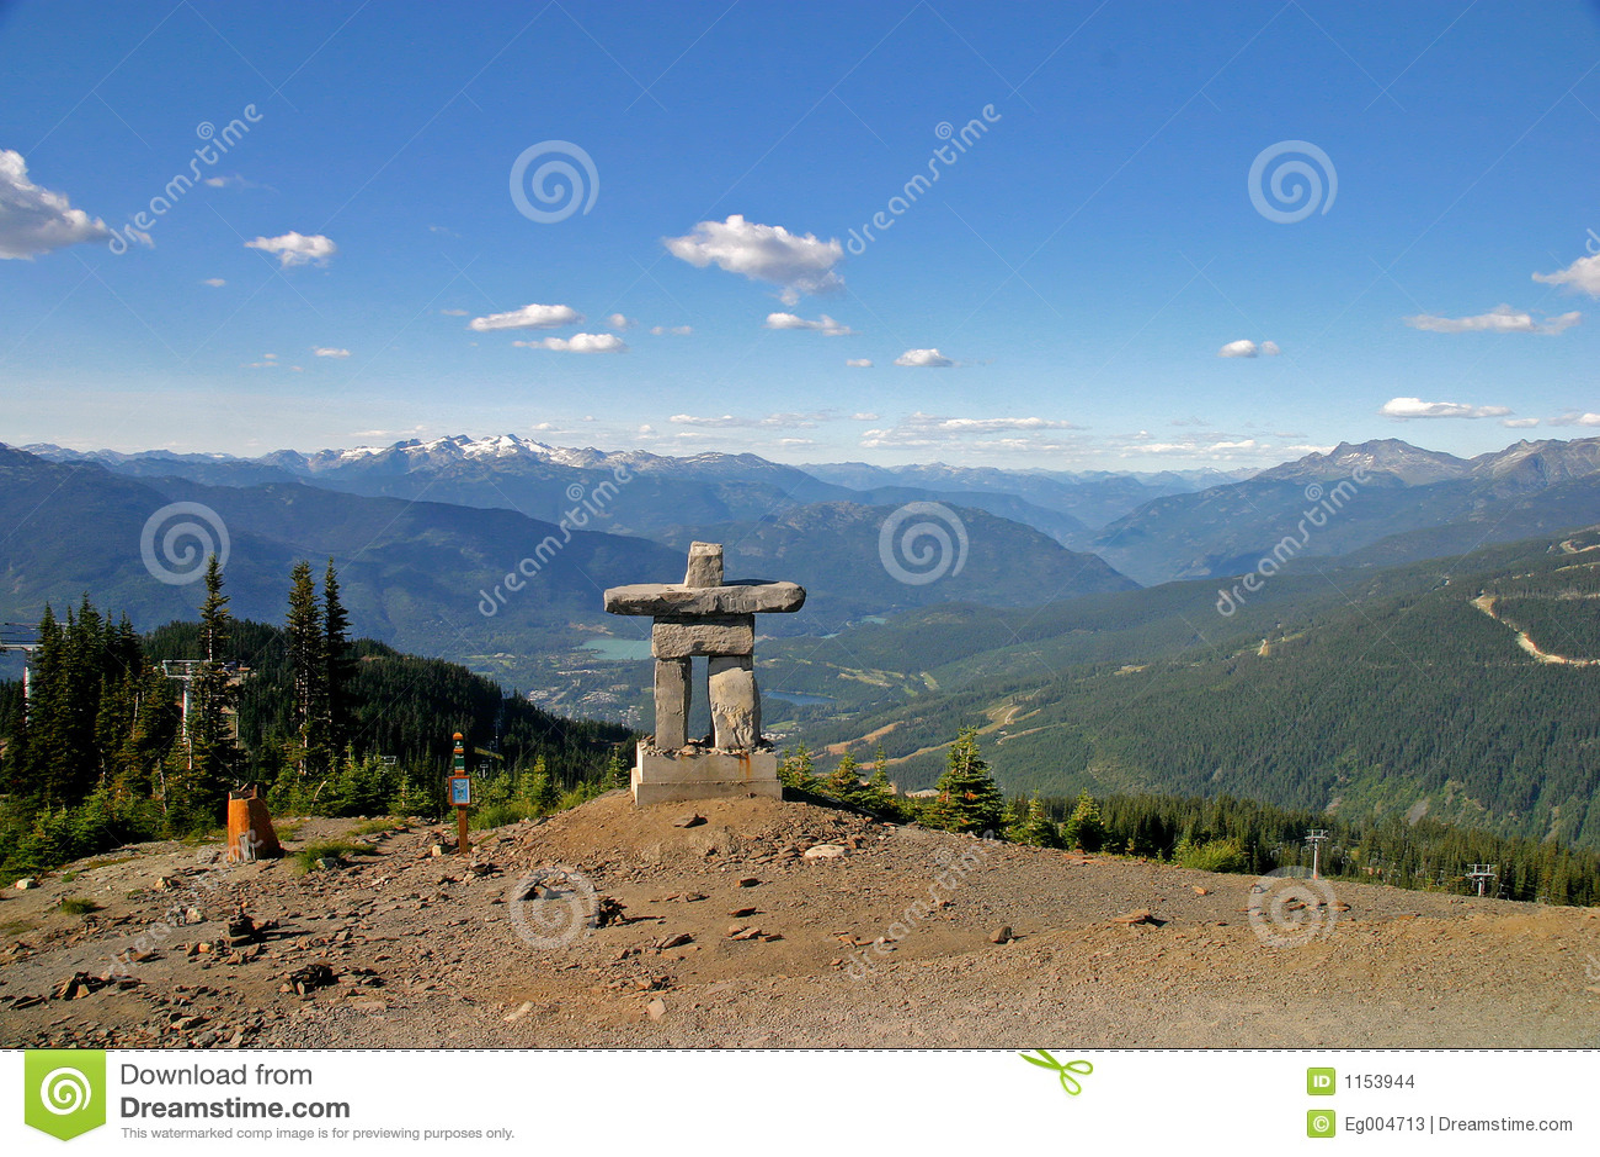 Inukshuk en la montaña de Blackcomb de la marmota